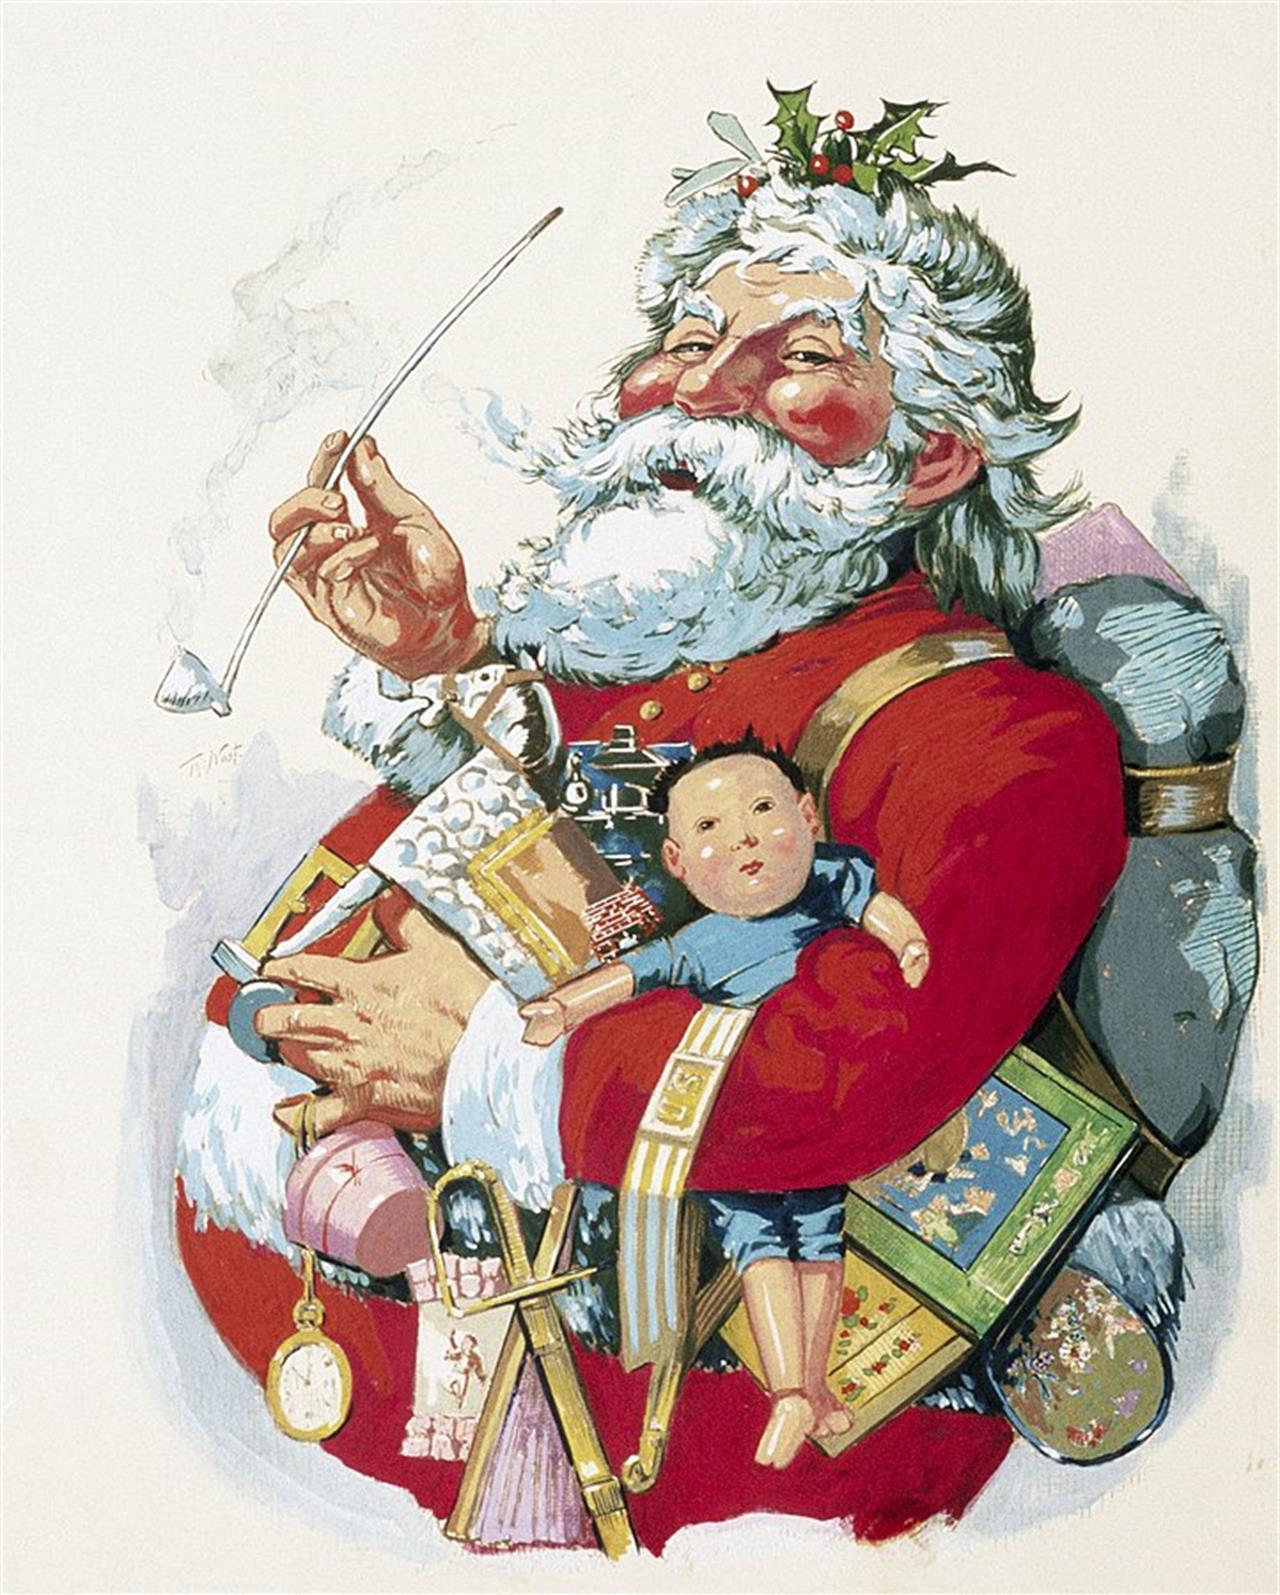 Babbo Natale Quando E Nato.Ecco Il Genio Che Ha Inventato Babbo Natale No Non E Stata La Coca Cola Linkiesta It